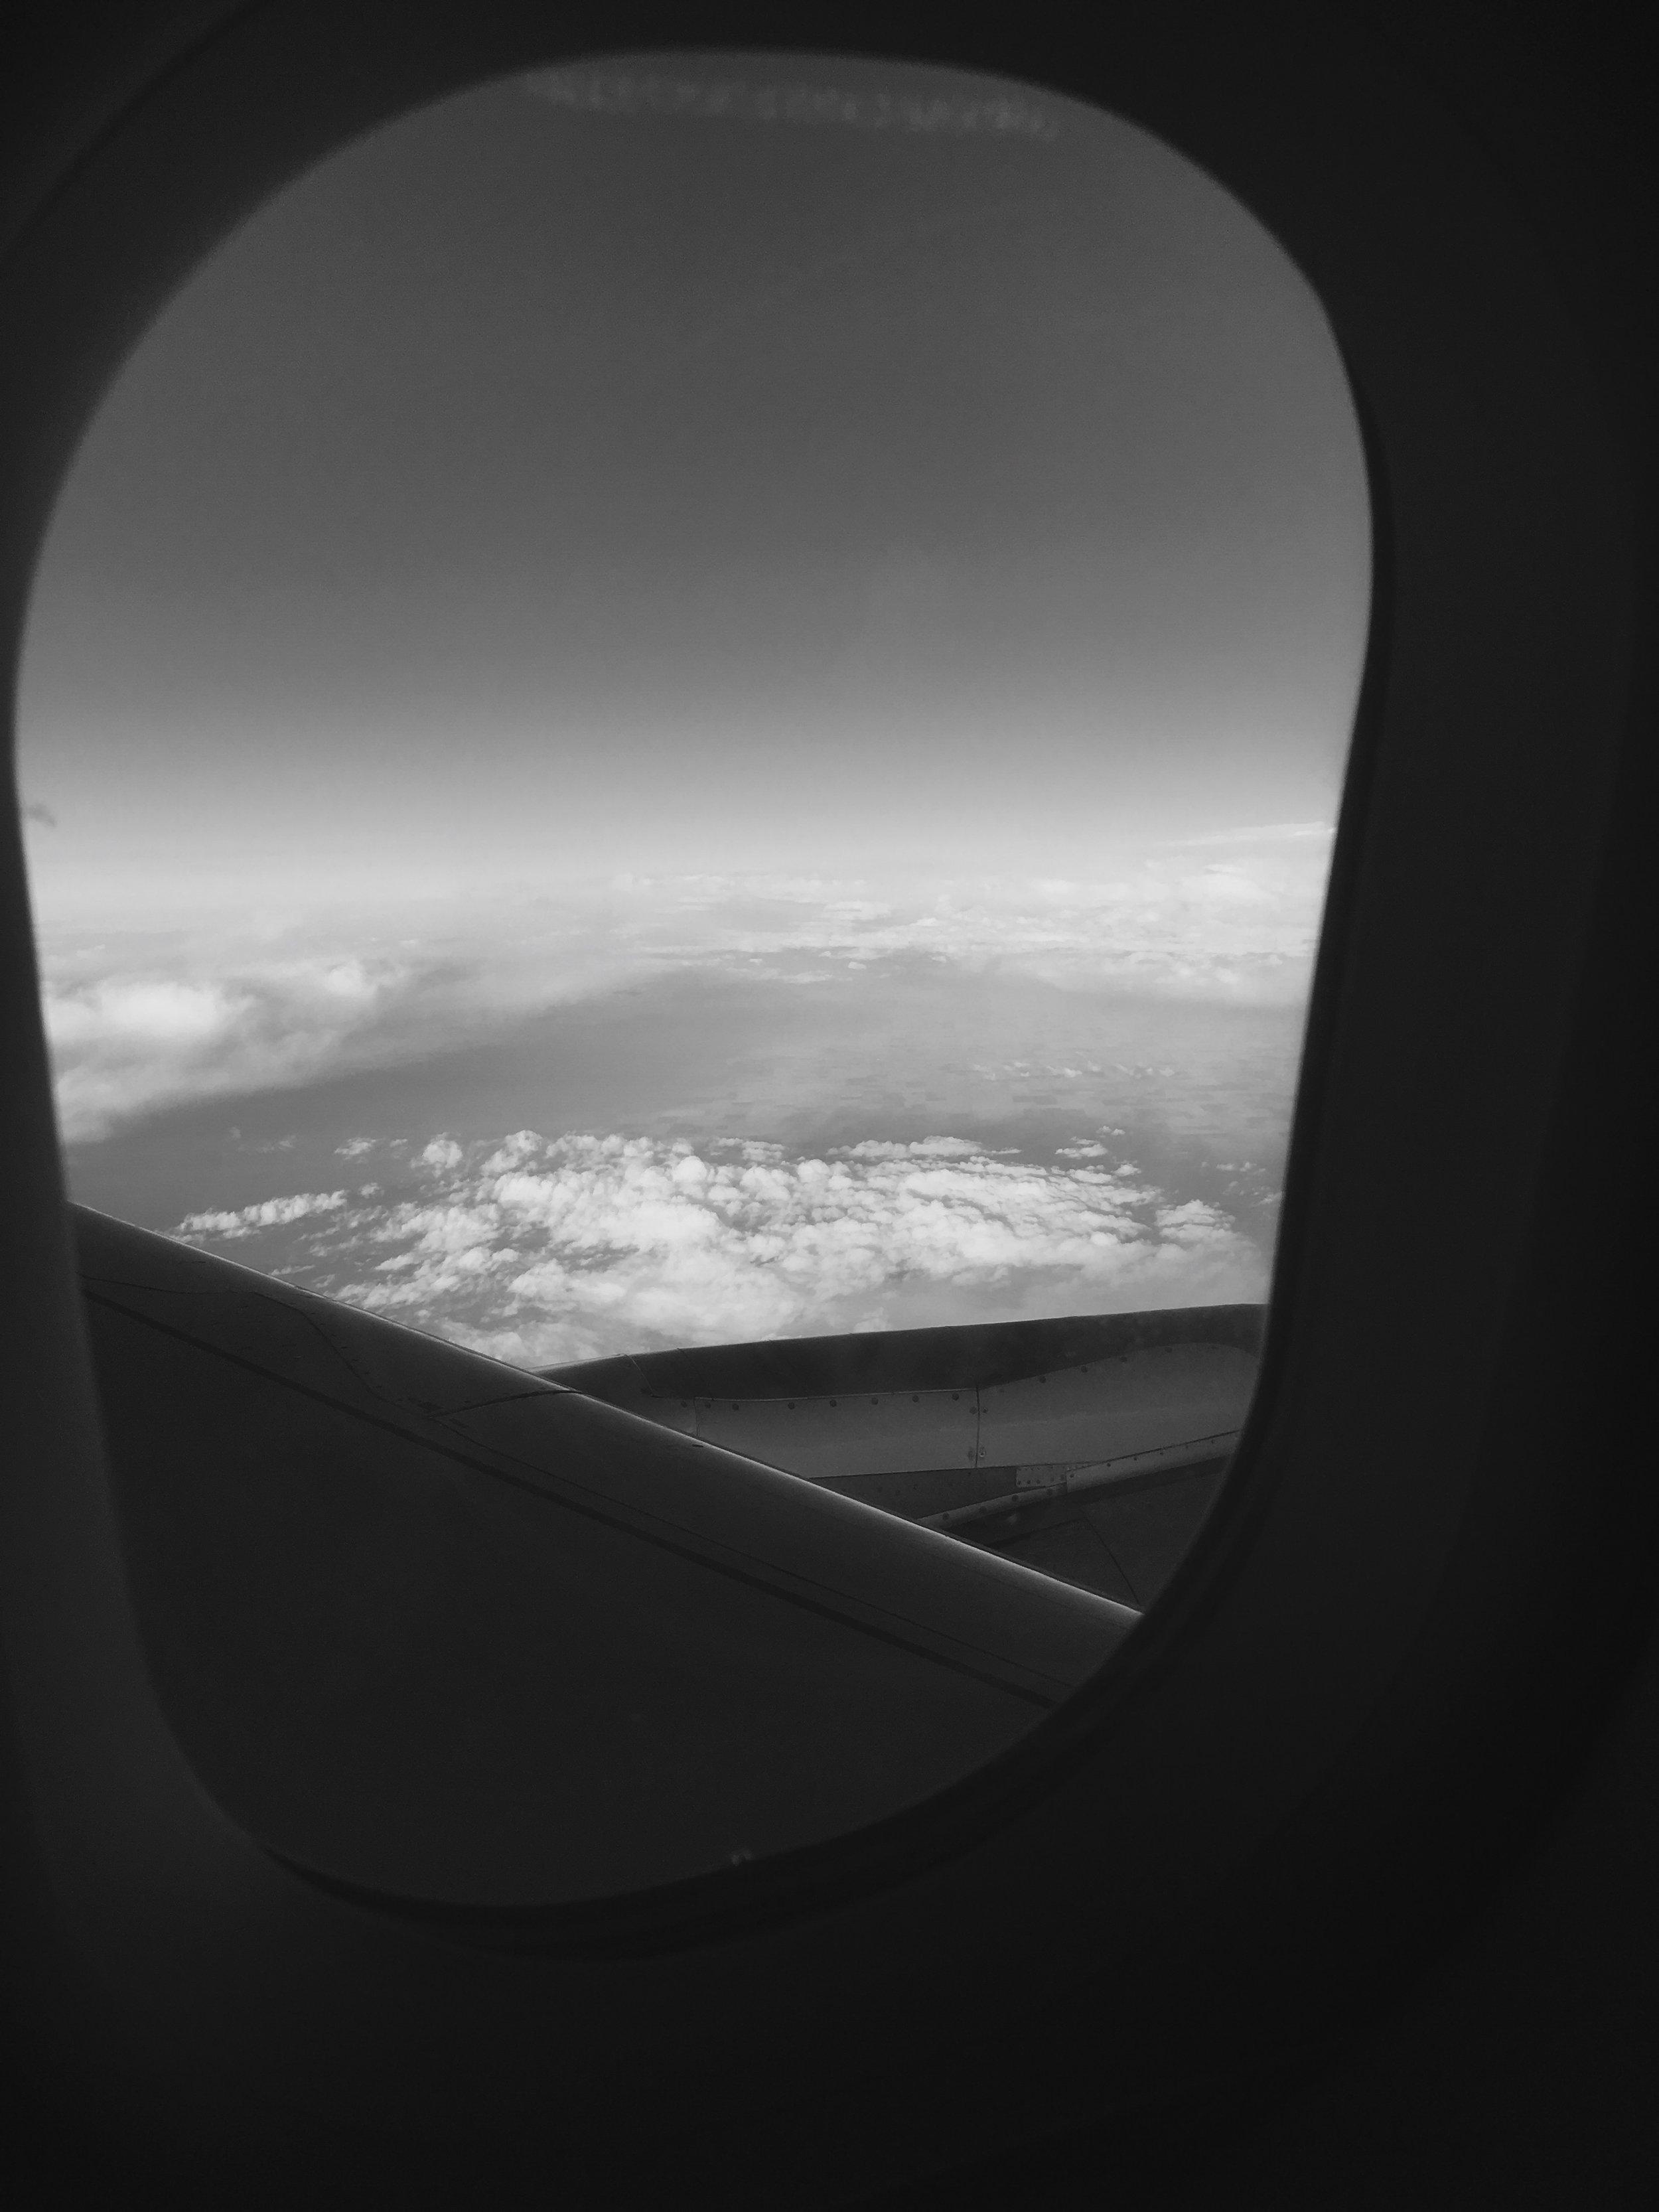 Somewhere over Colorado